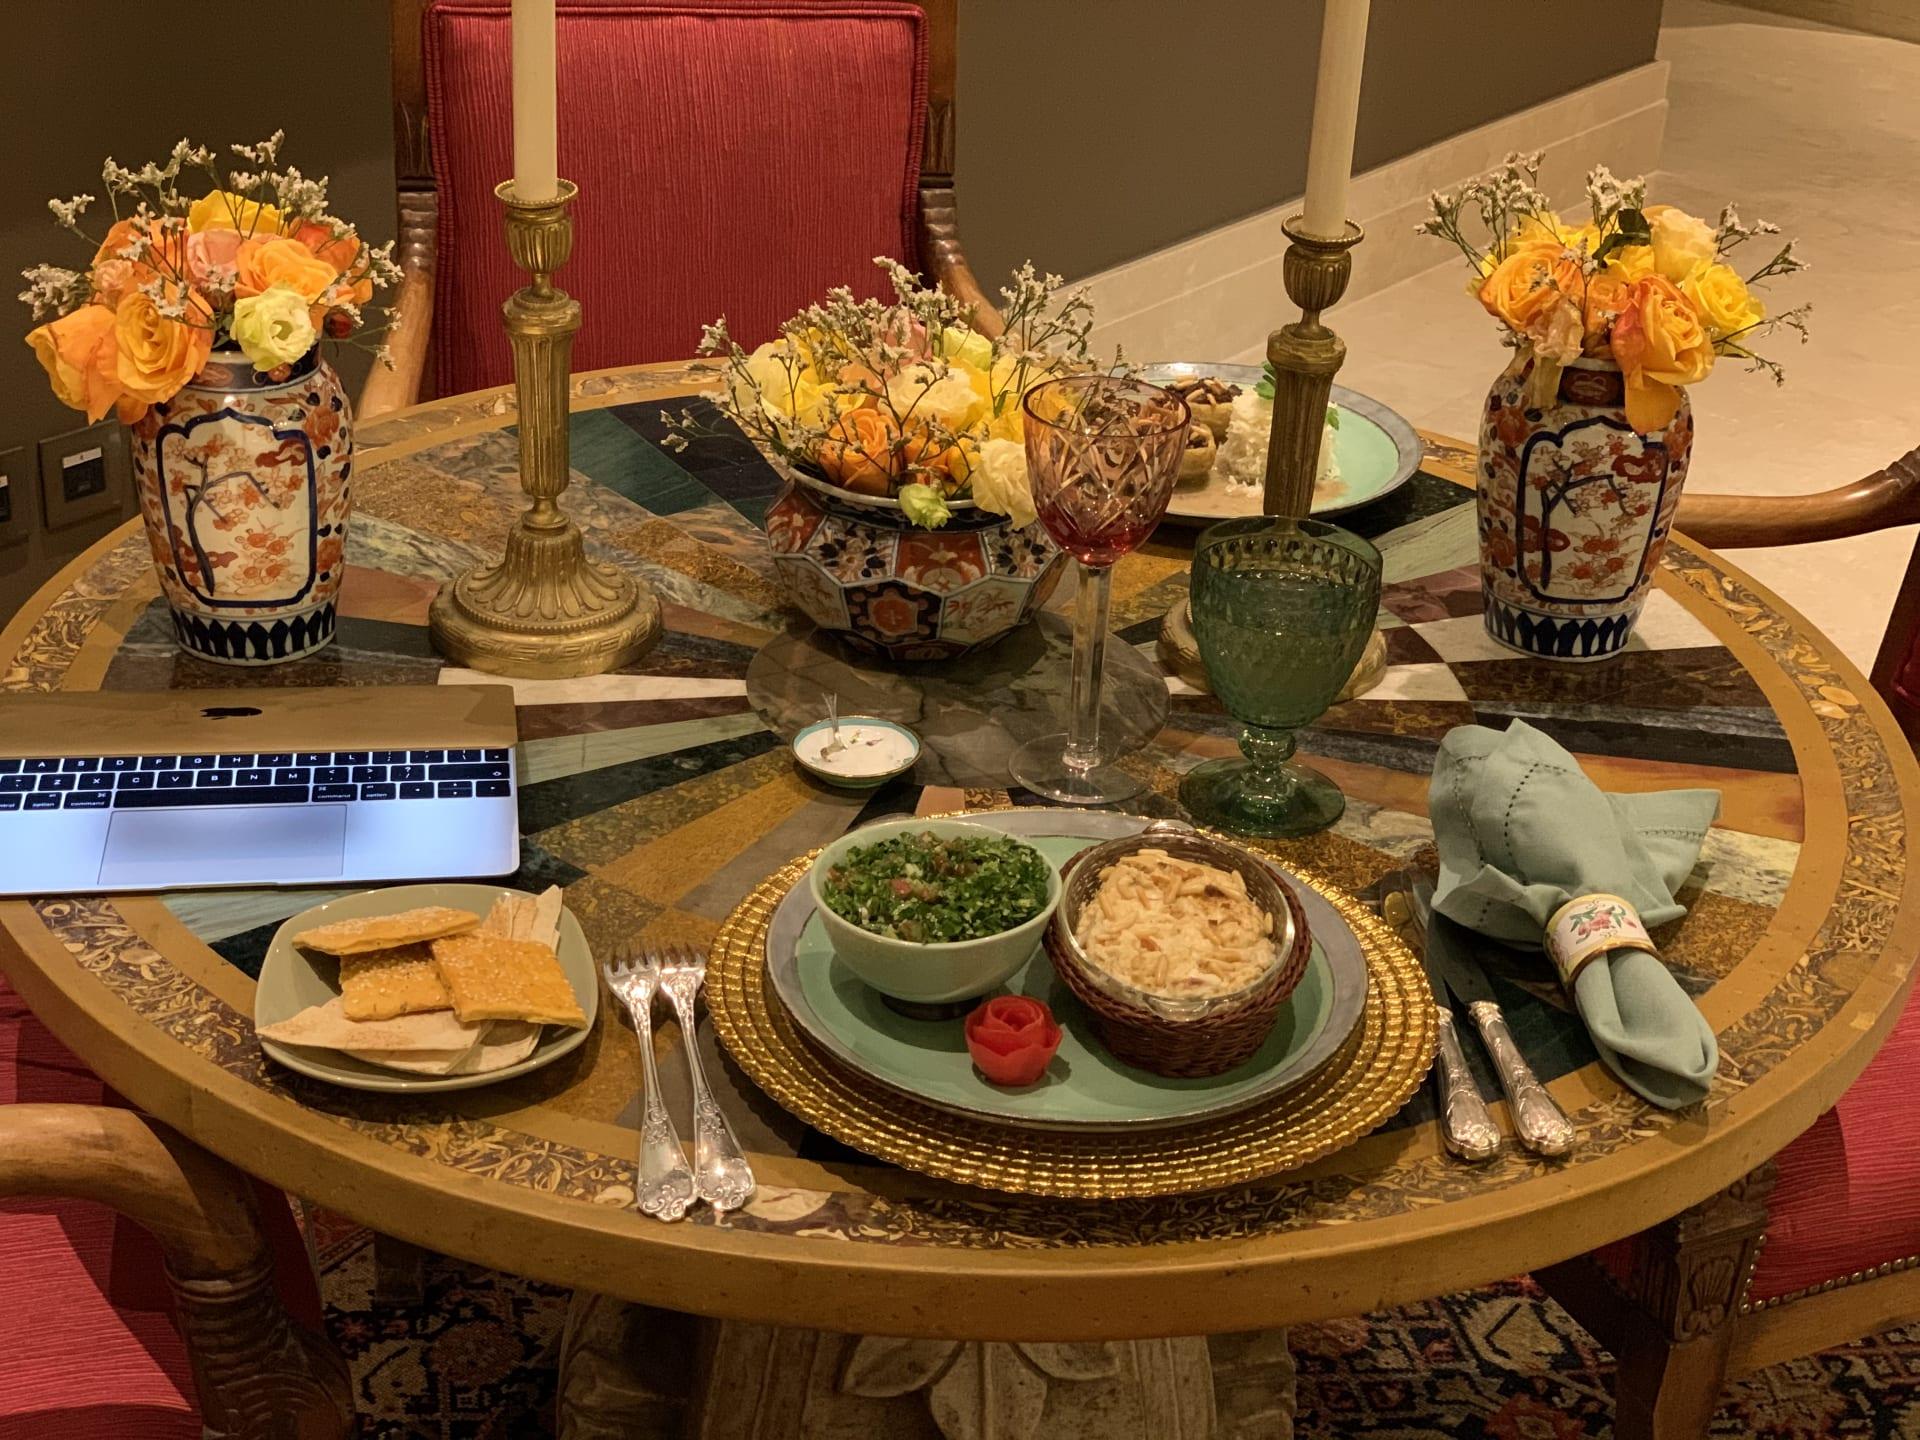 انضم إلى هذا العشاء الافتراضي وتجنب الوحدة في وقت العزل الاجتماعي